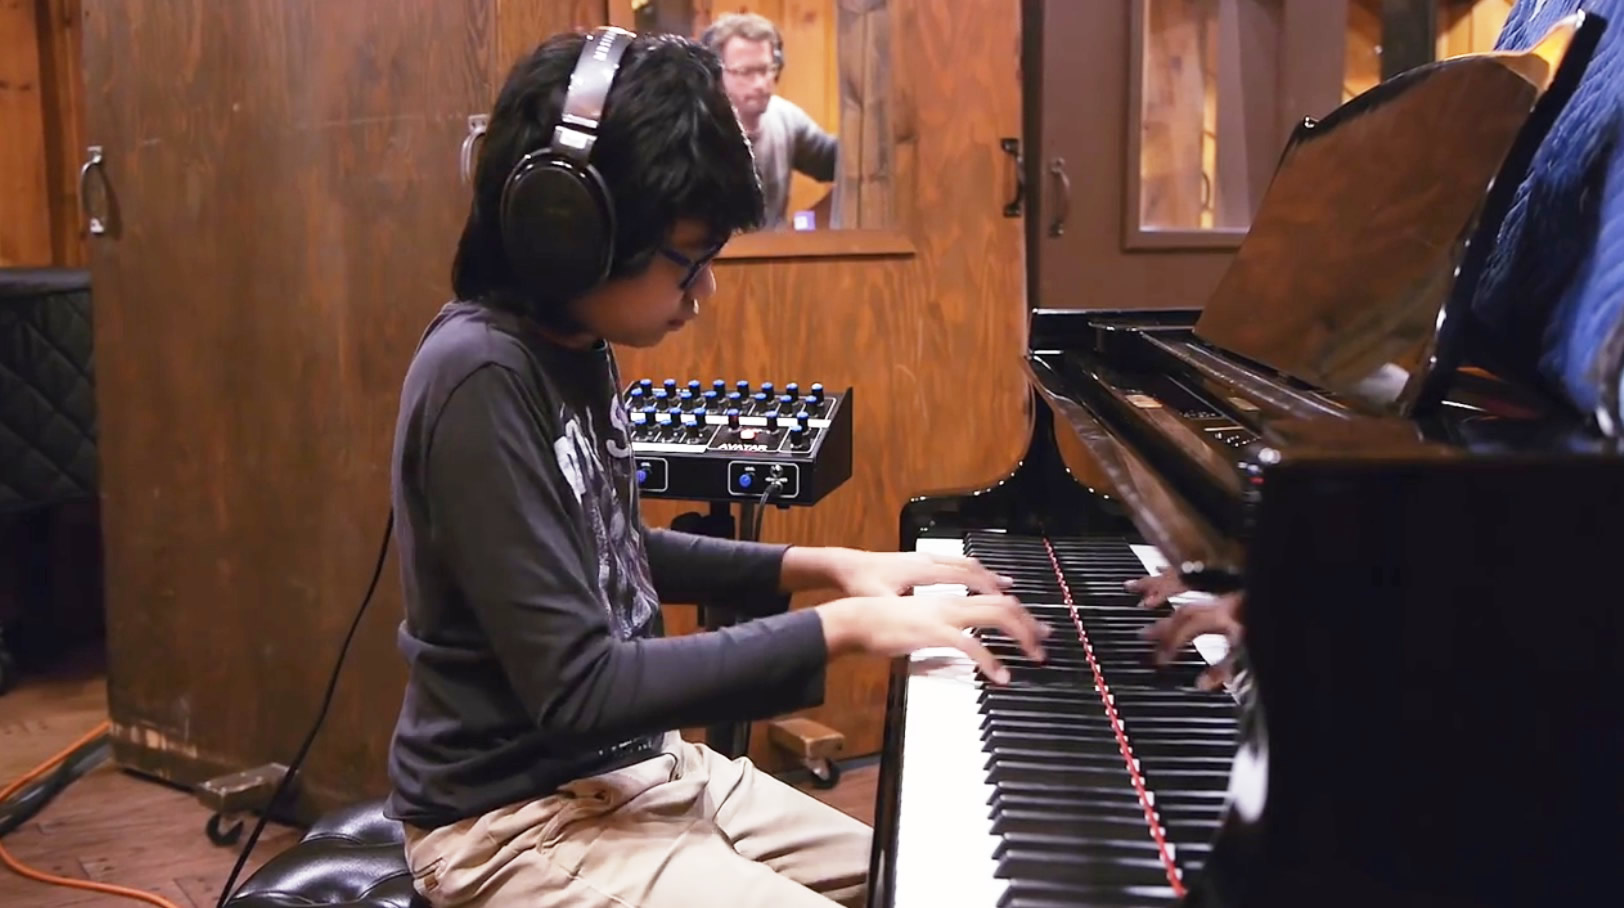 【神童】13歳の天才ジャズピアニストがコルトーレーンの最難関曲を完璧に弾きこなす!全員神レベルの演奏に鳥肌!!